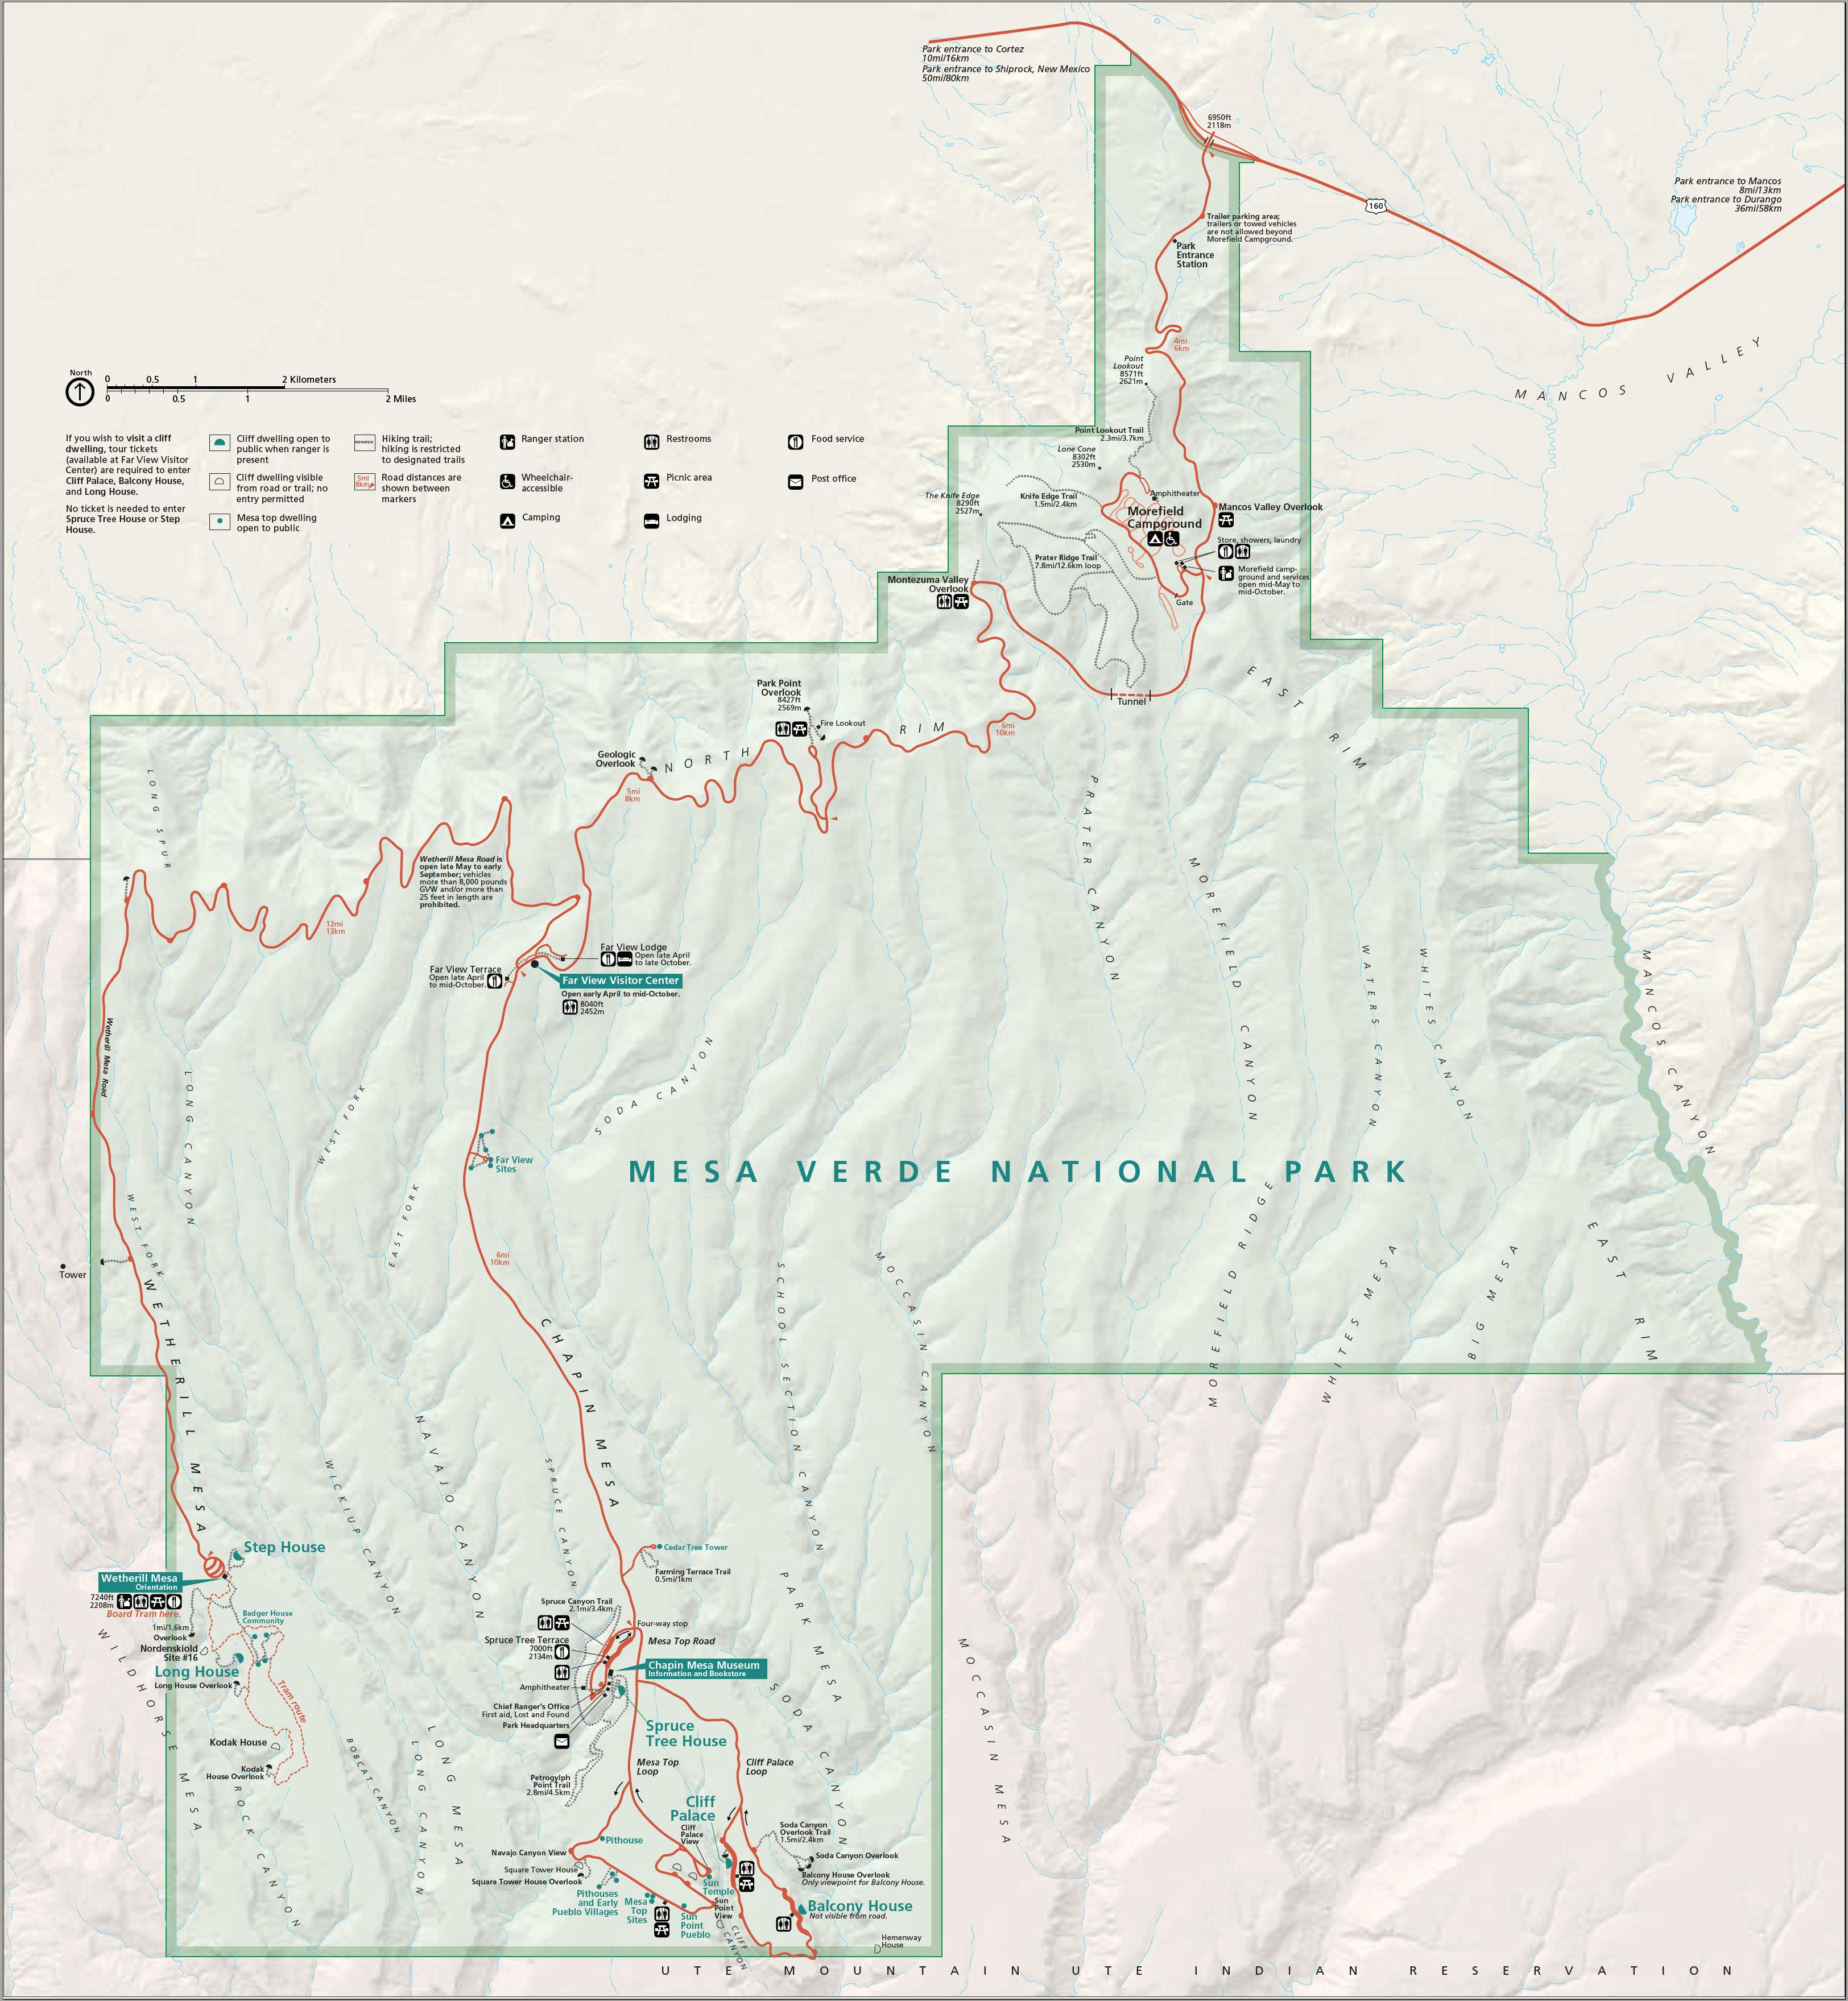 Mesa Verde National Park Map File:Map of Mesa Verde National Park.png   Wikimedia Commons